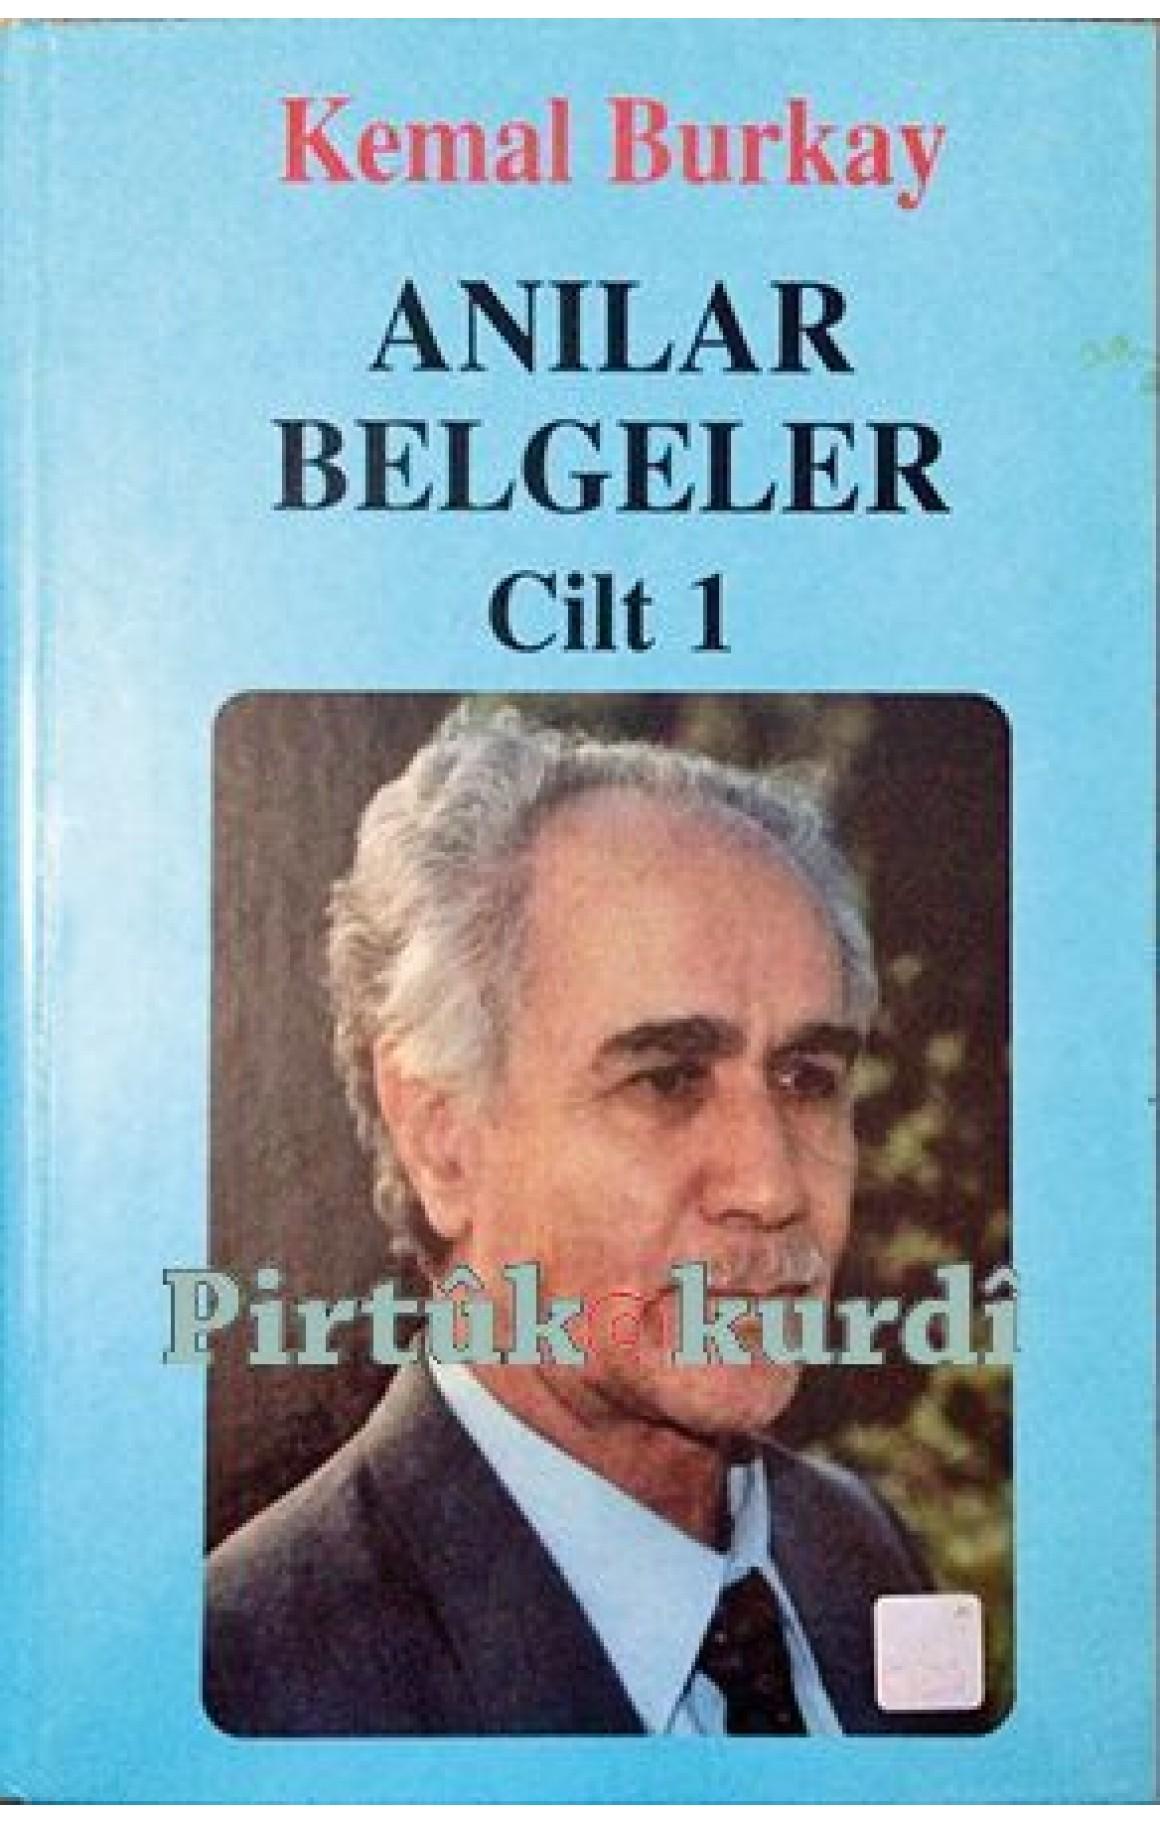 Kemal Burkay Anılar Belgeler Cilt 1